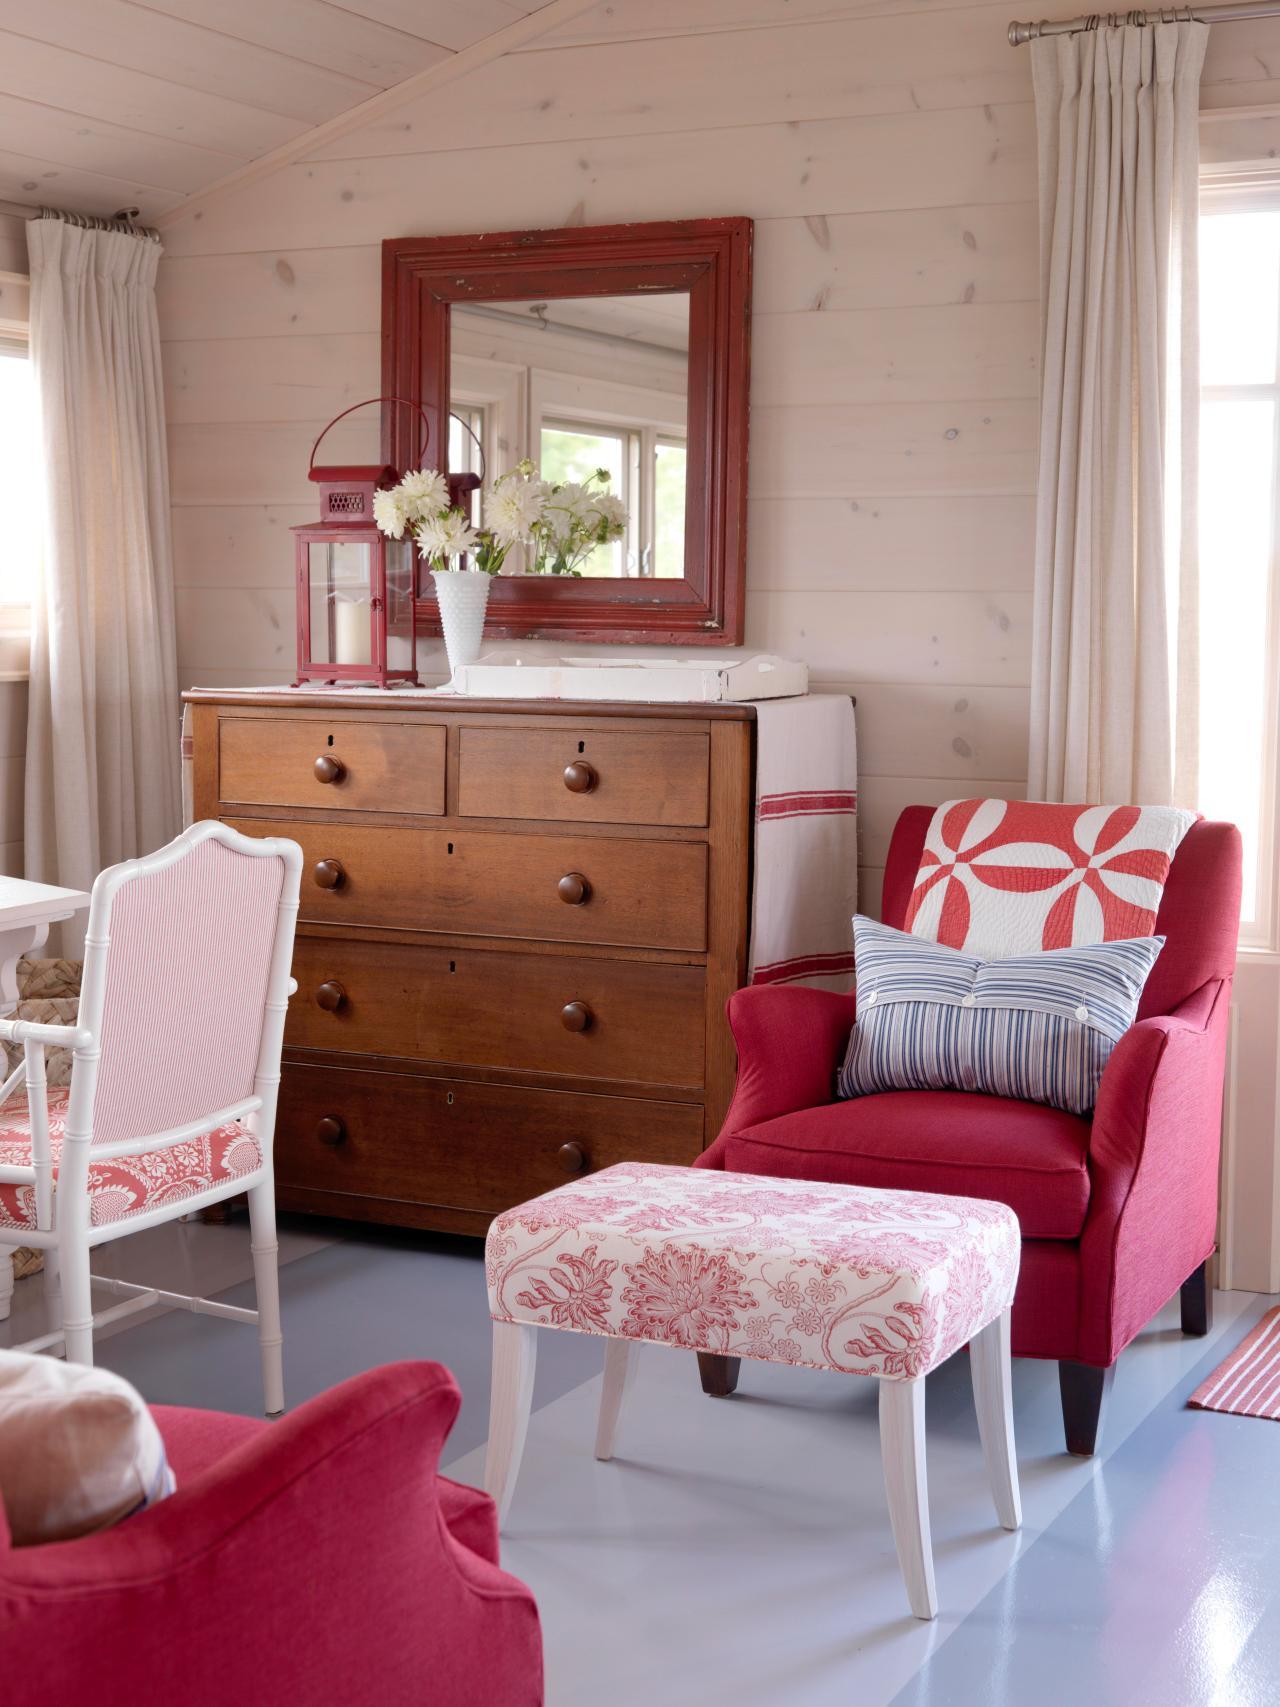 Красный, бежевый, серый и белый цвета в гостиной